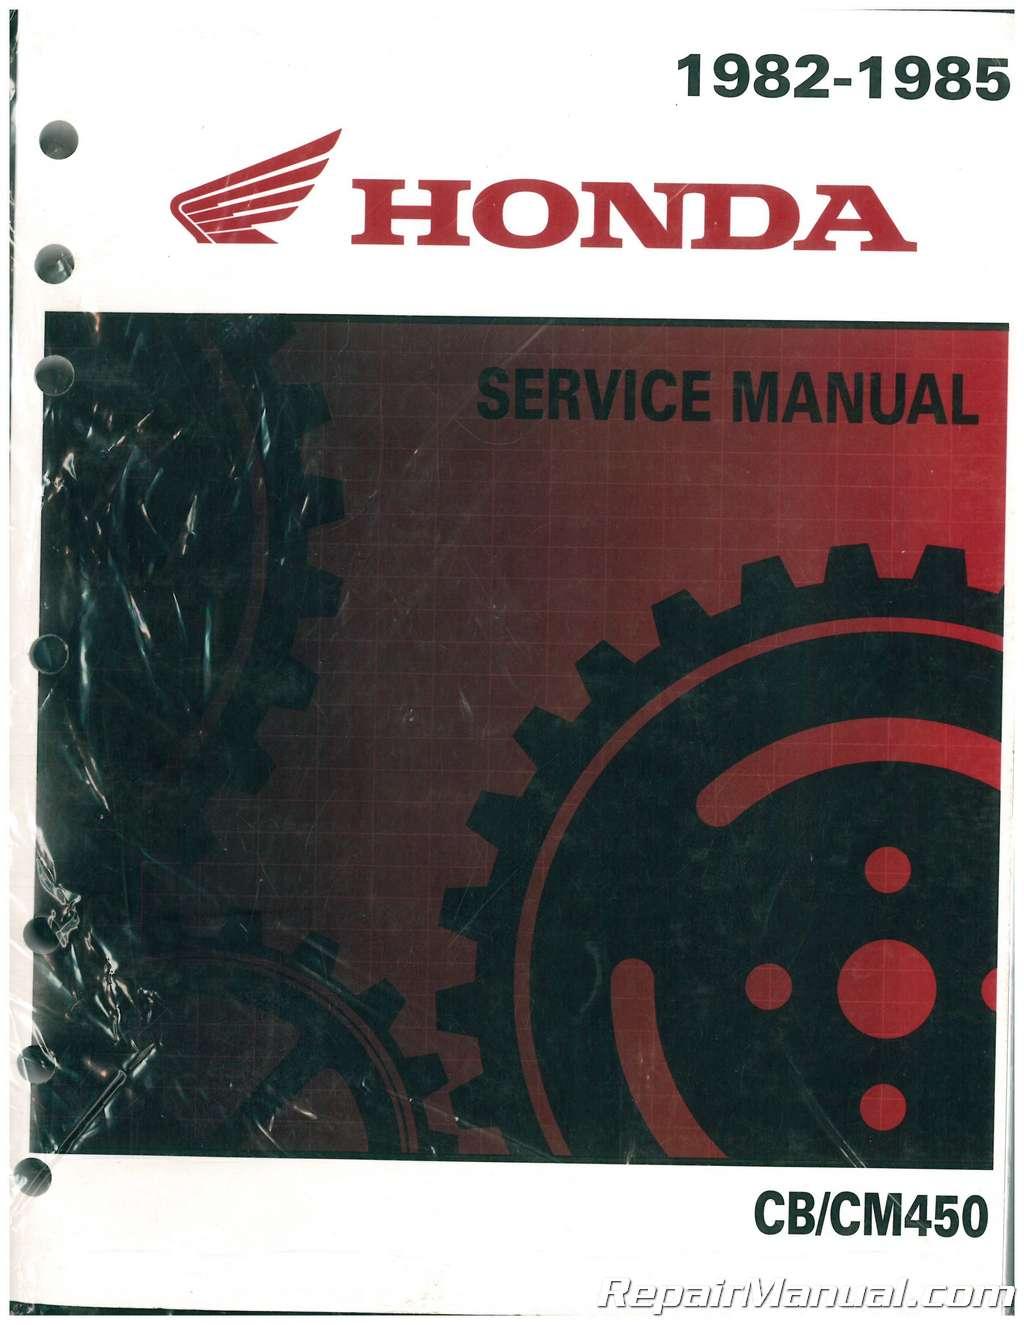 honda cb450 cm450 1982 1983 1985 motorcycle service manual rh repairmanual com 1974 Honda TL 250 1976 Honda Mini Bike